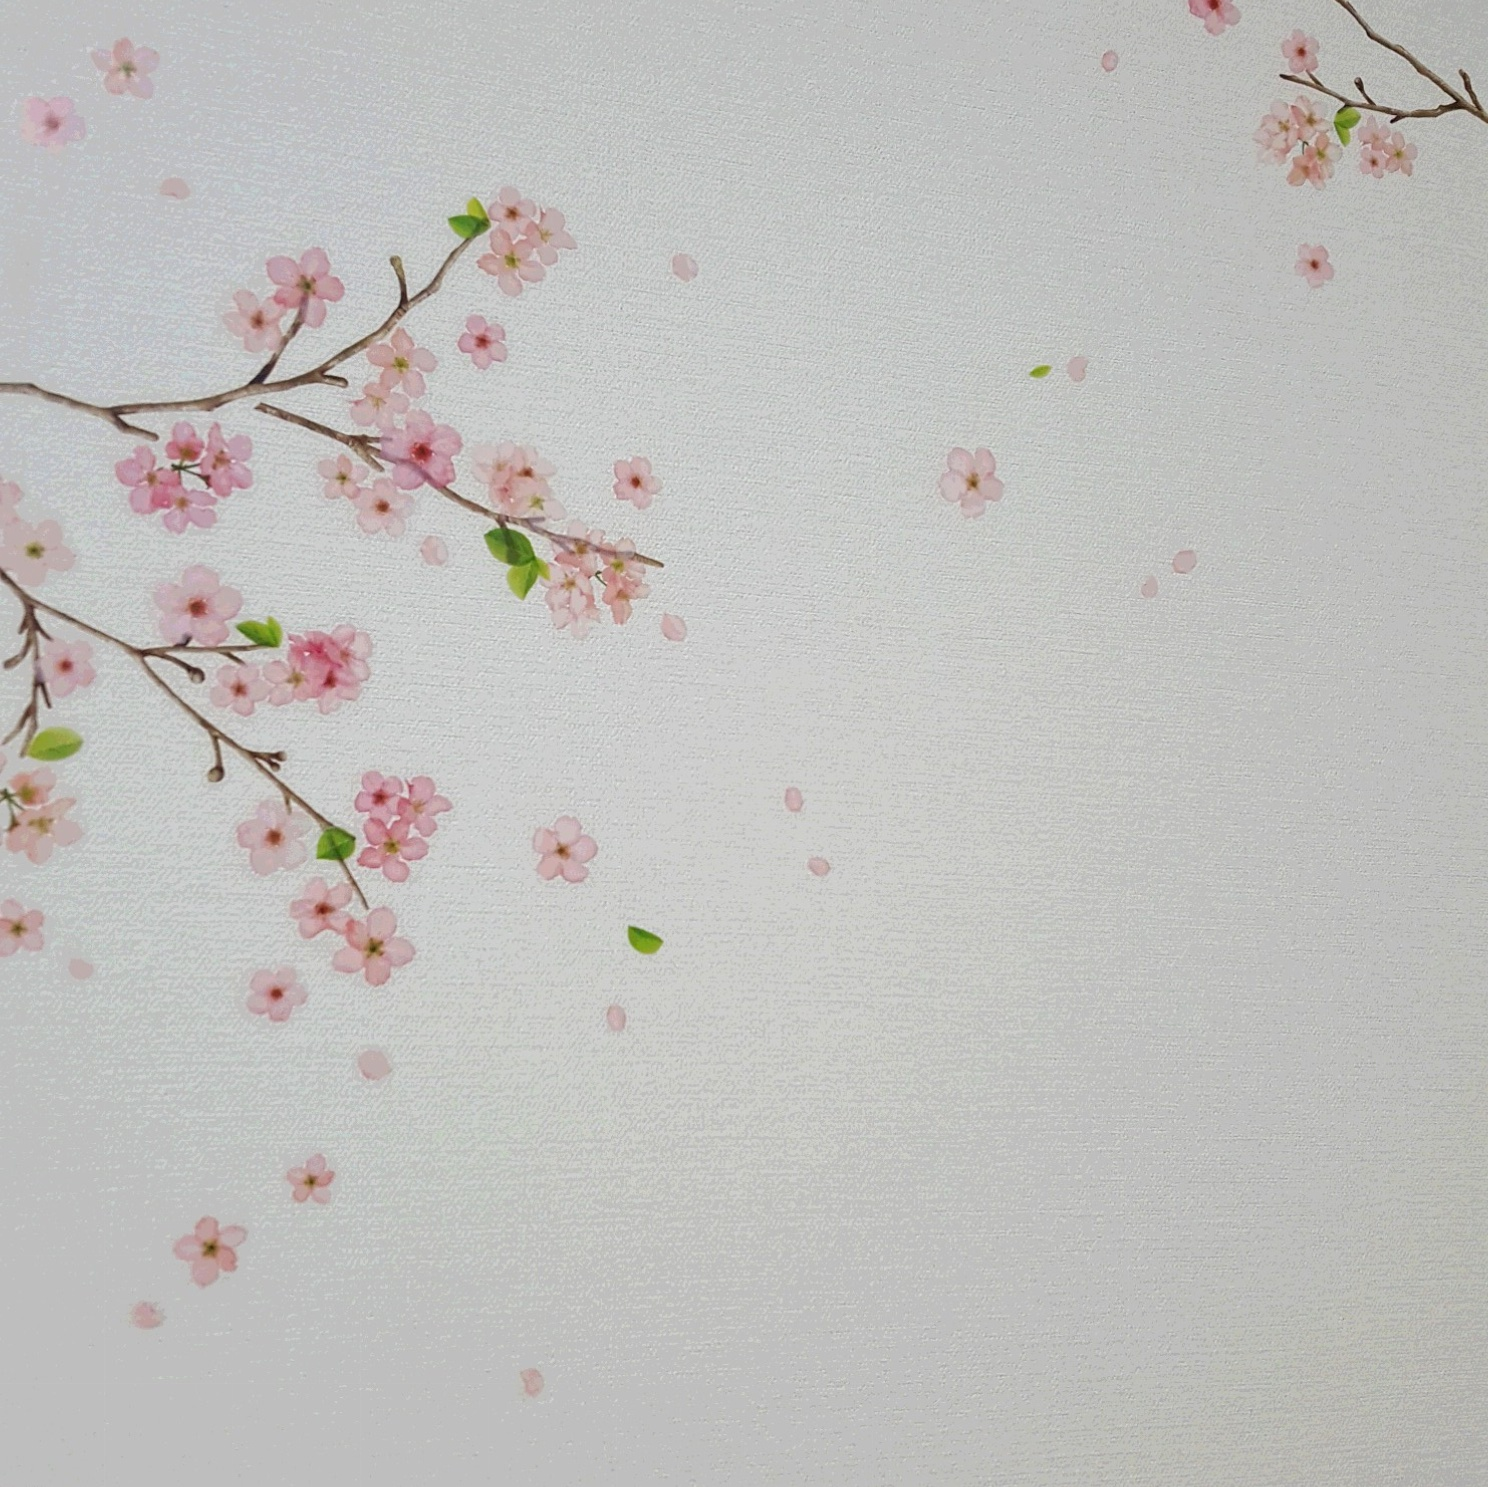 いつでも桜見。。簡単に模様替えできるウォールステッカーが使える!_3